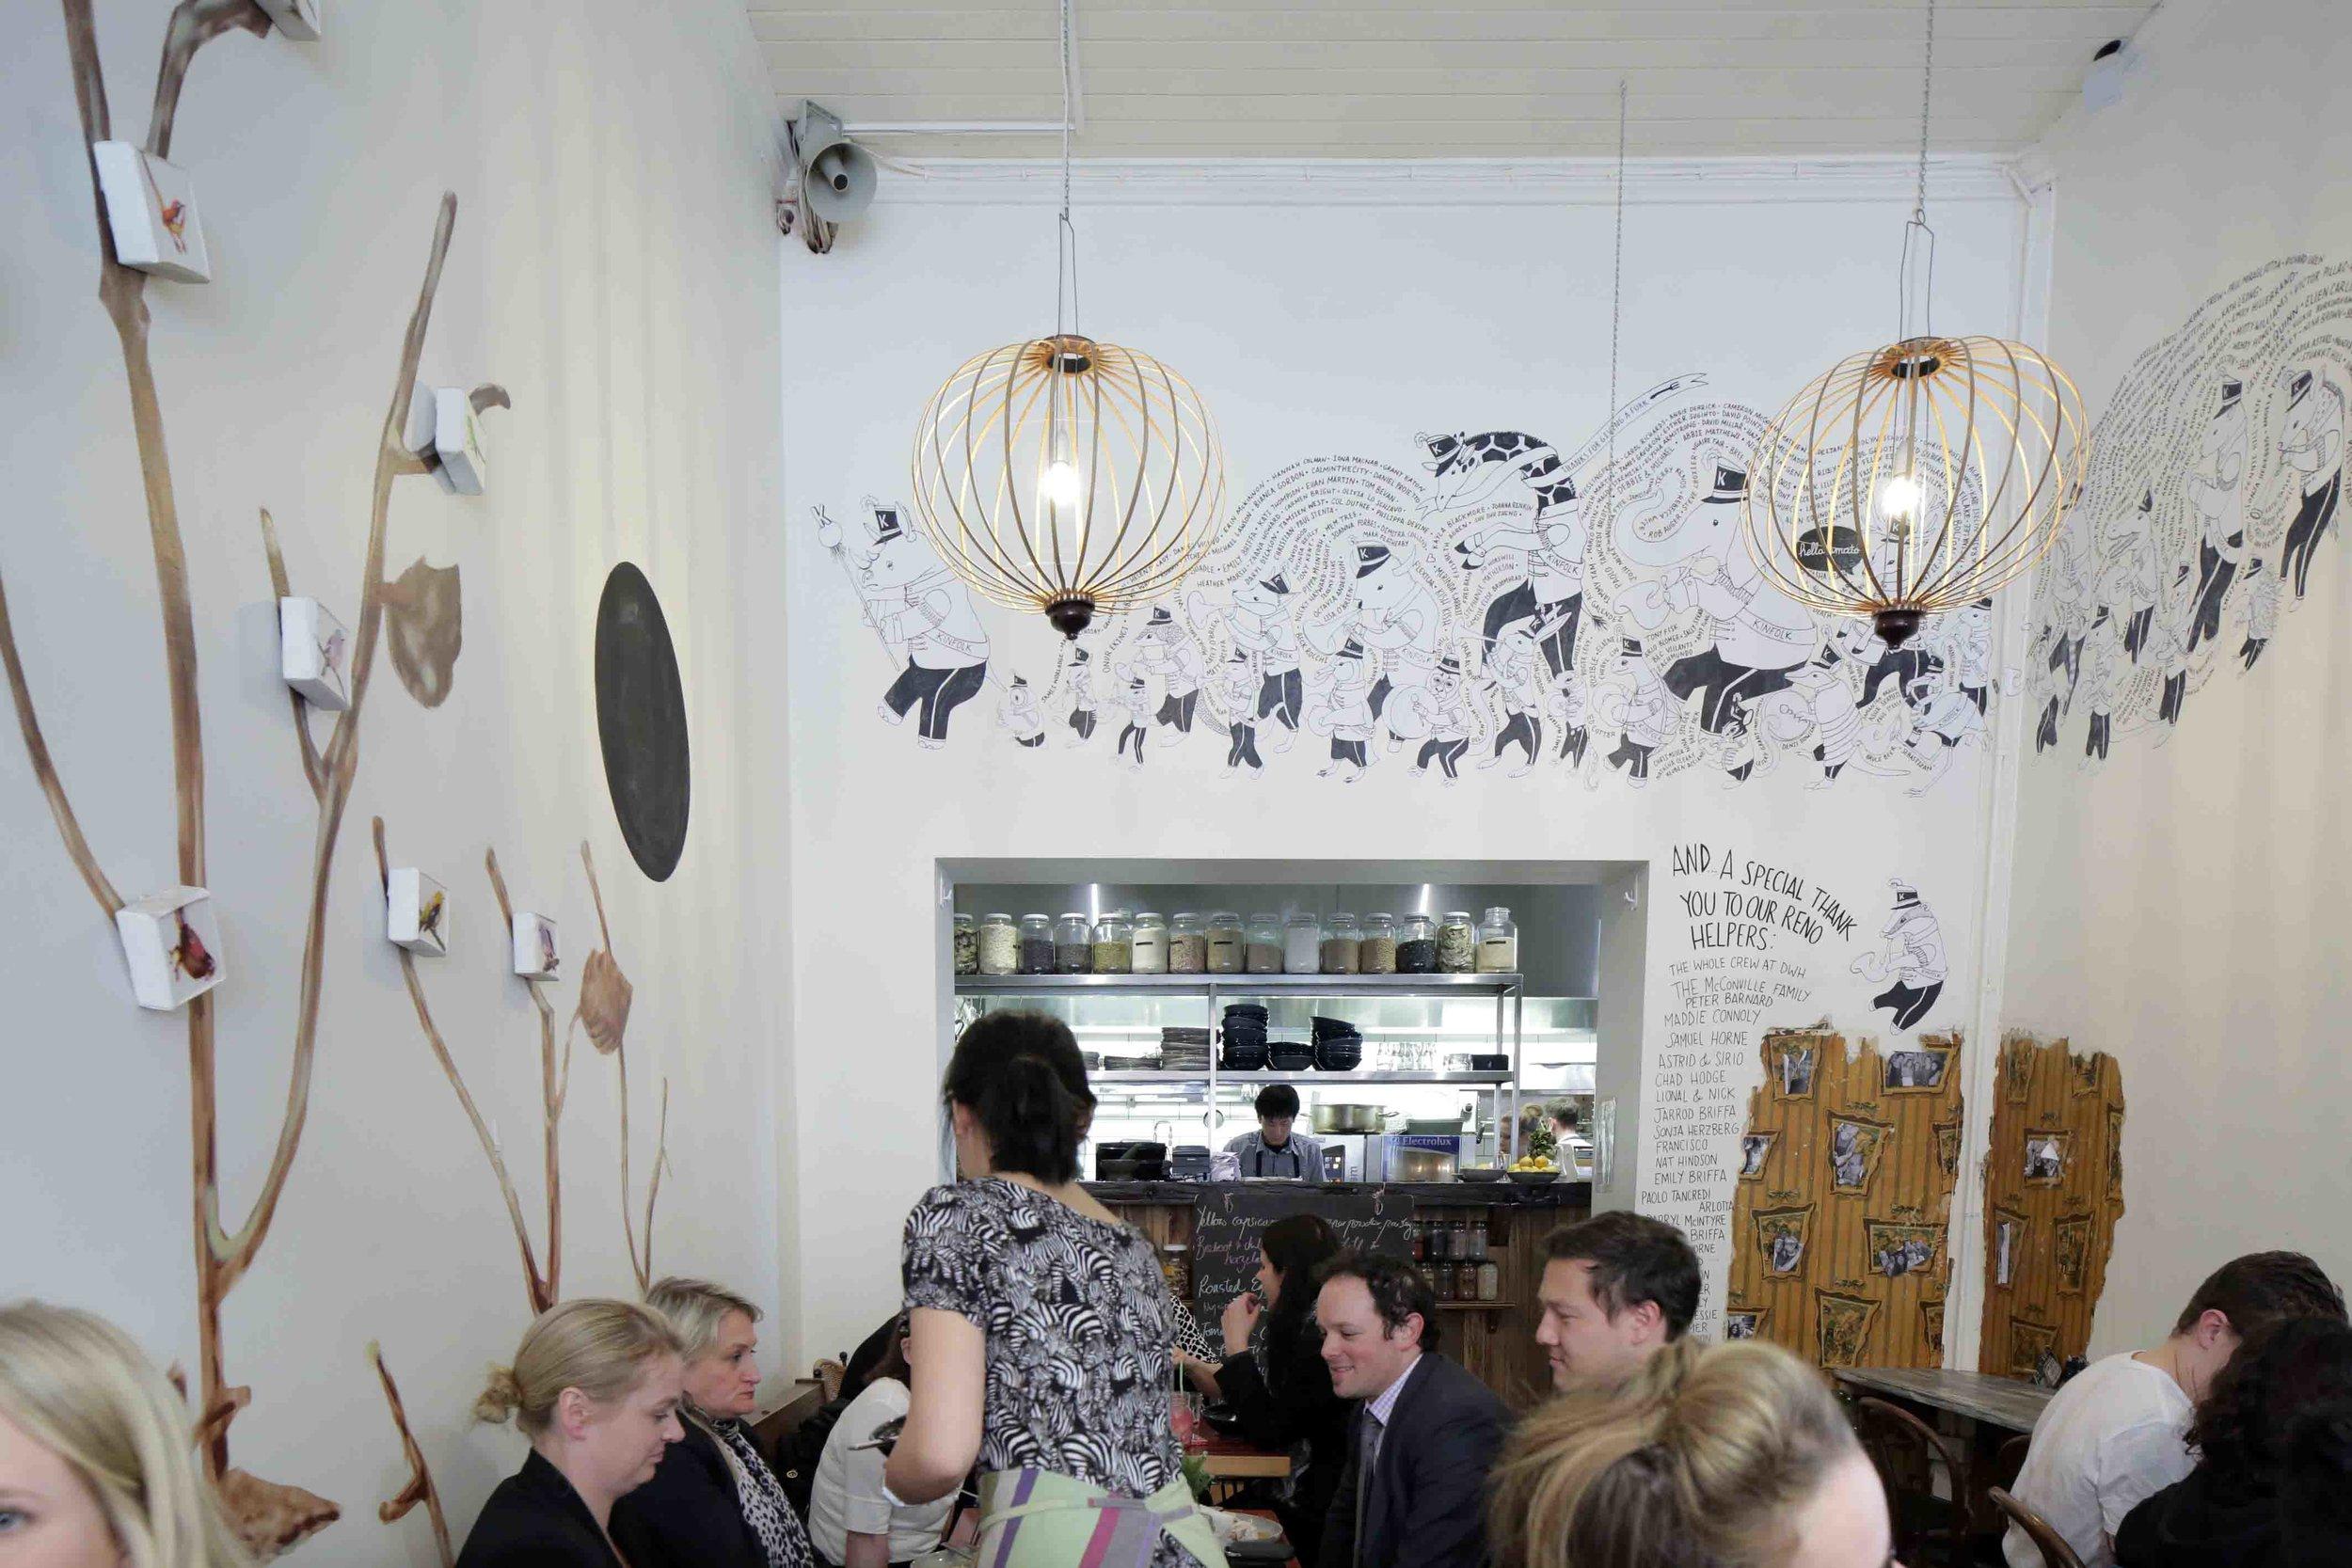 kinfolk cafe paste-up mural, melbourne